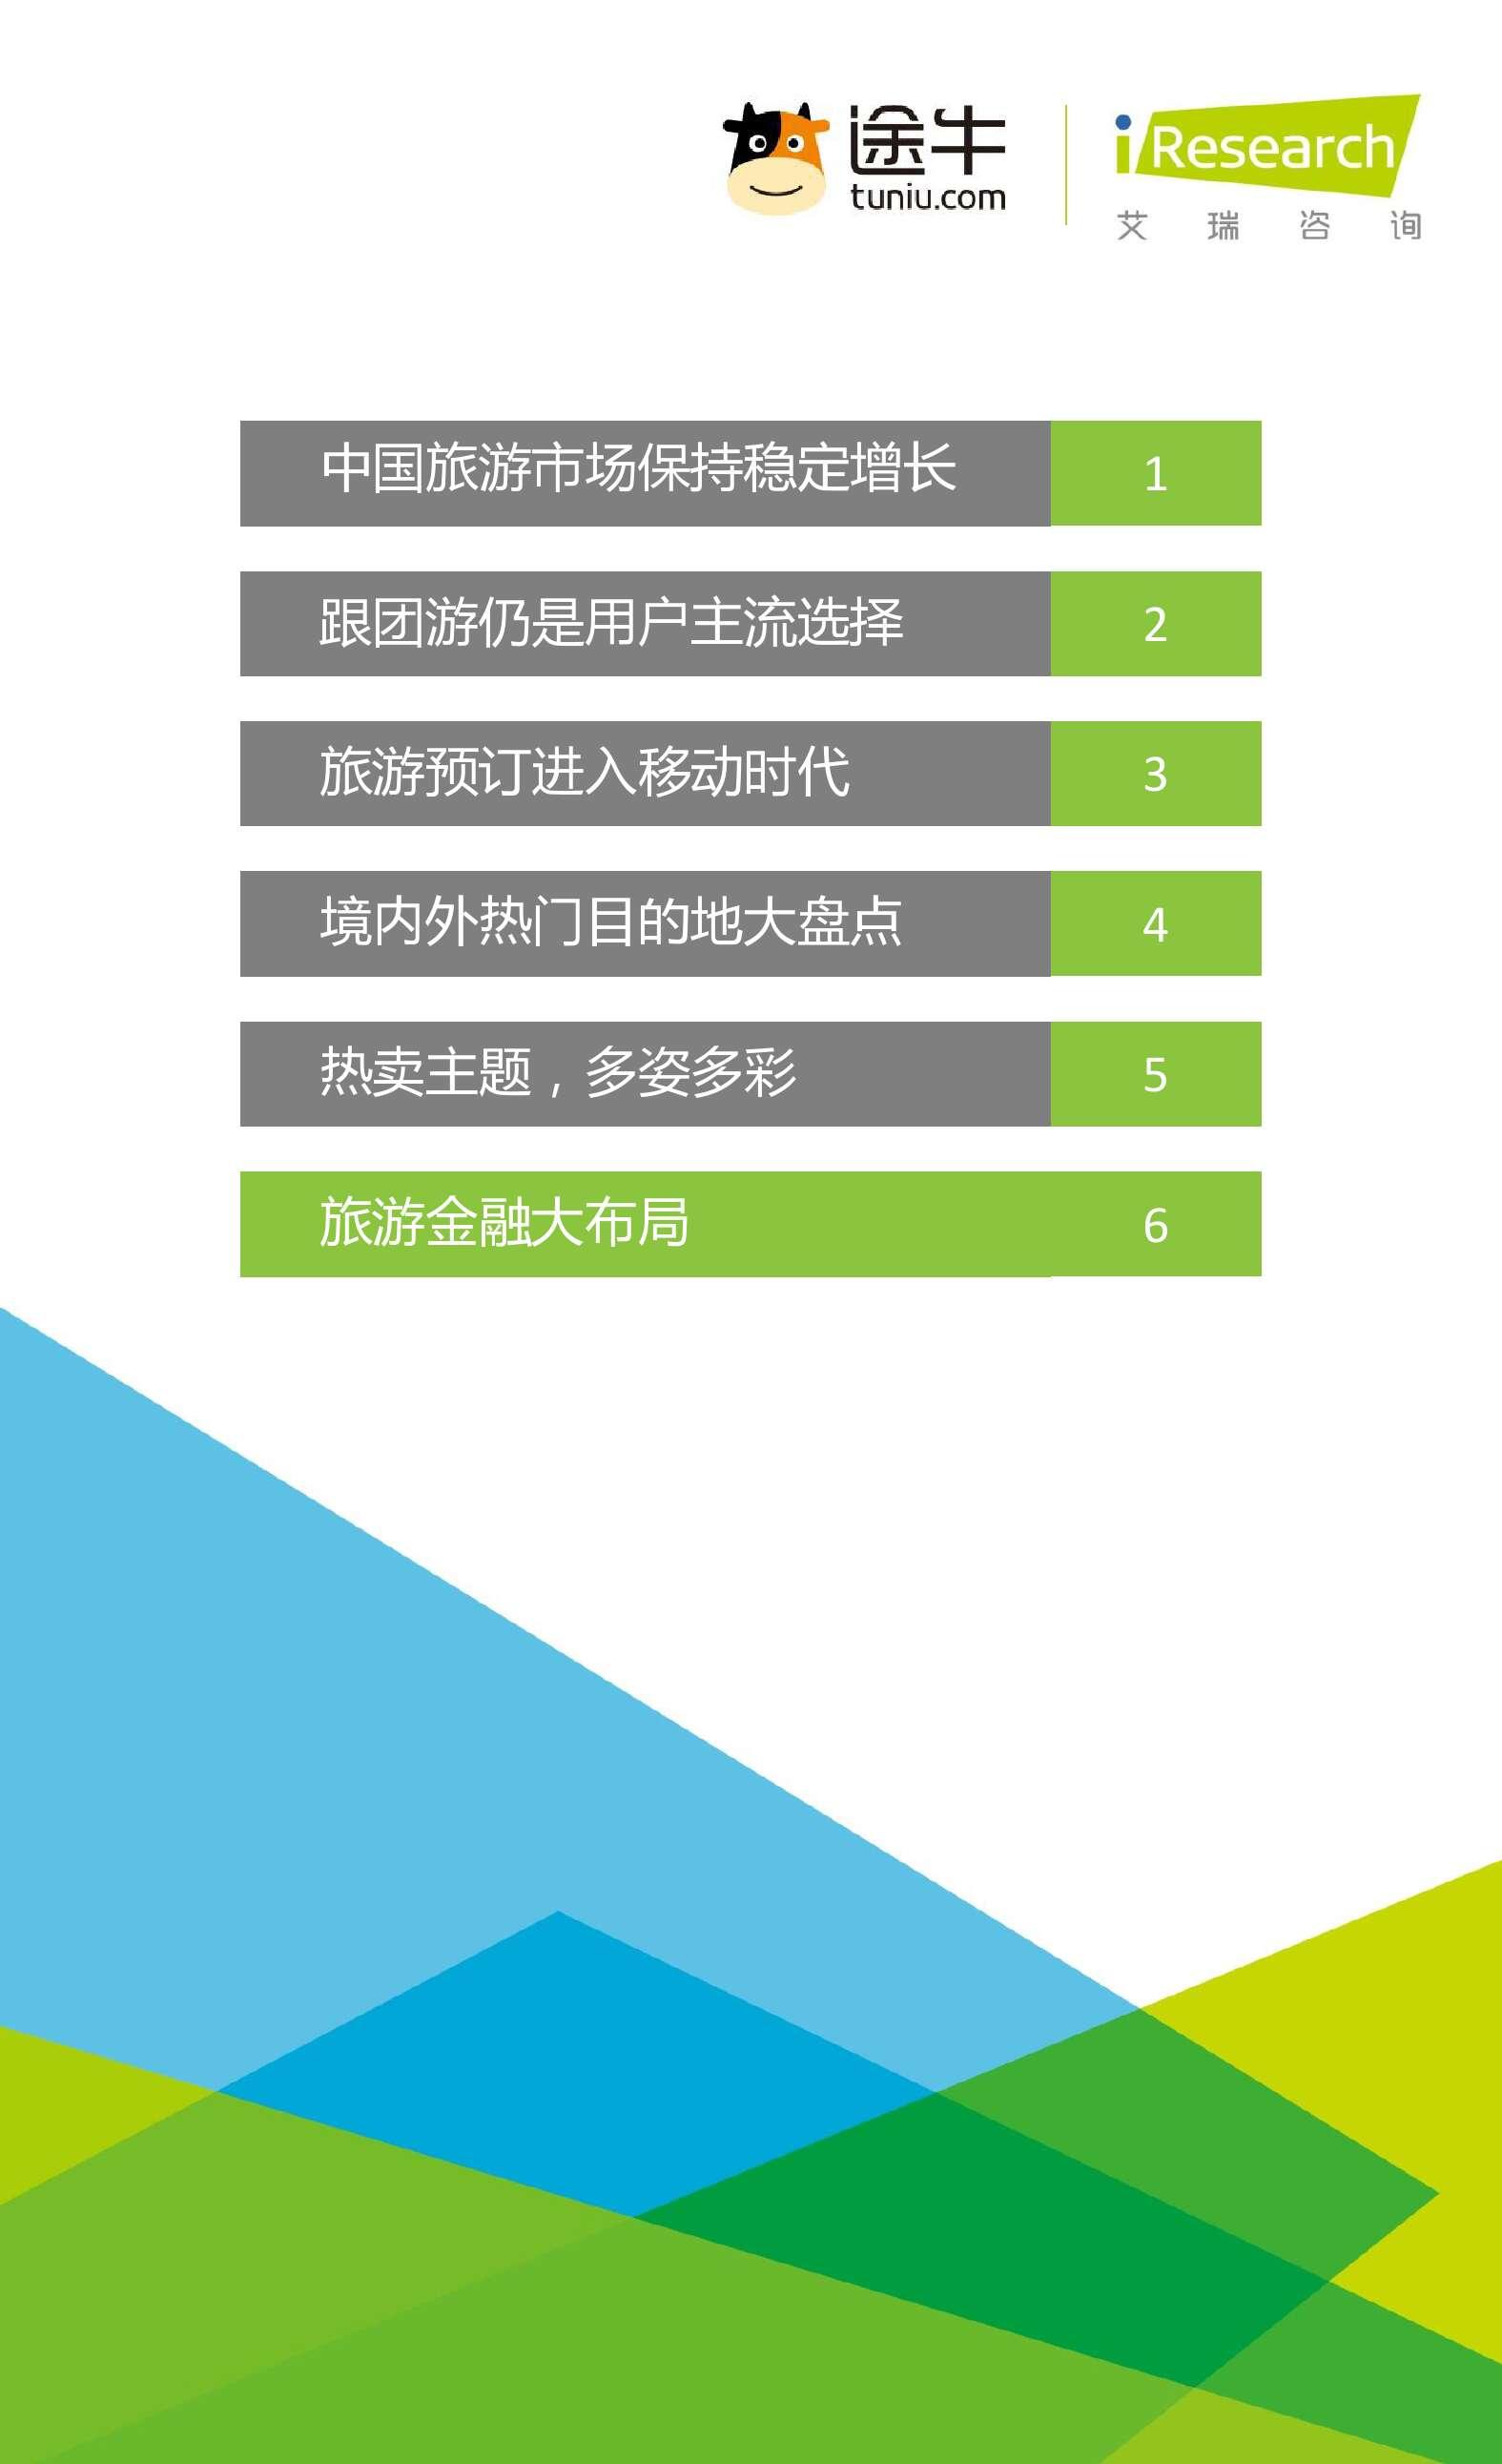 2016年中国在线旅游平台白皮书_000024